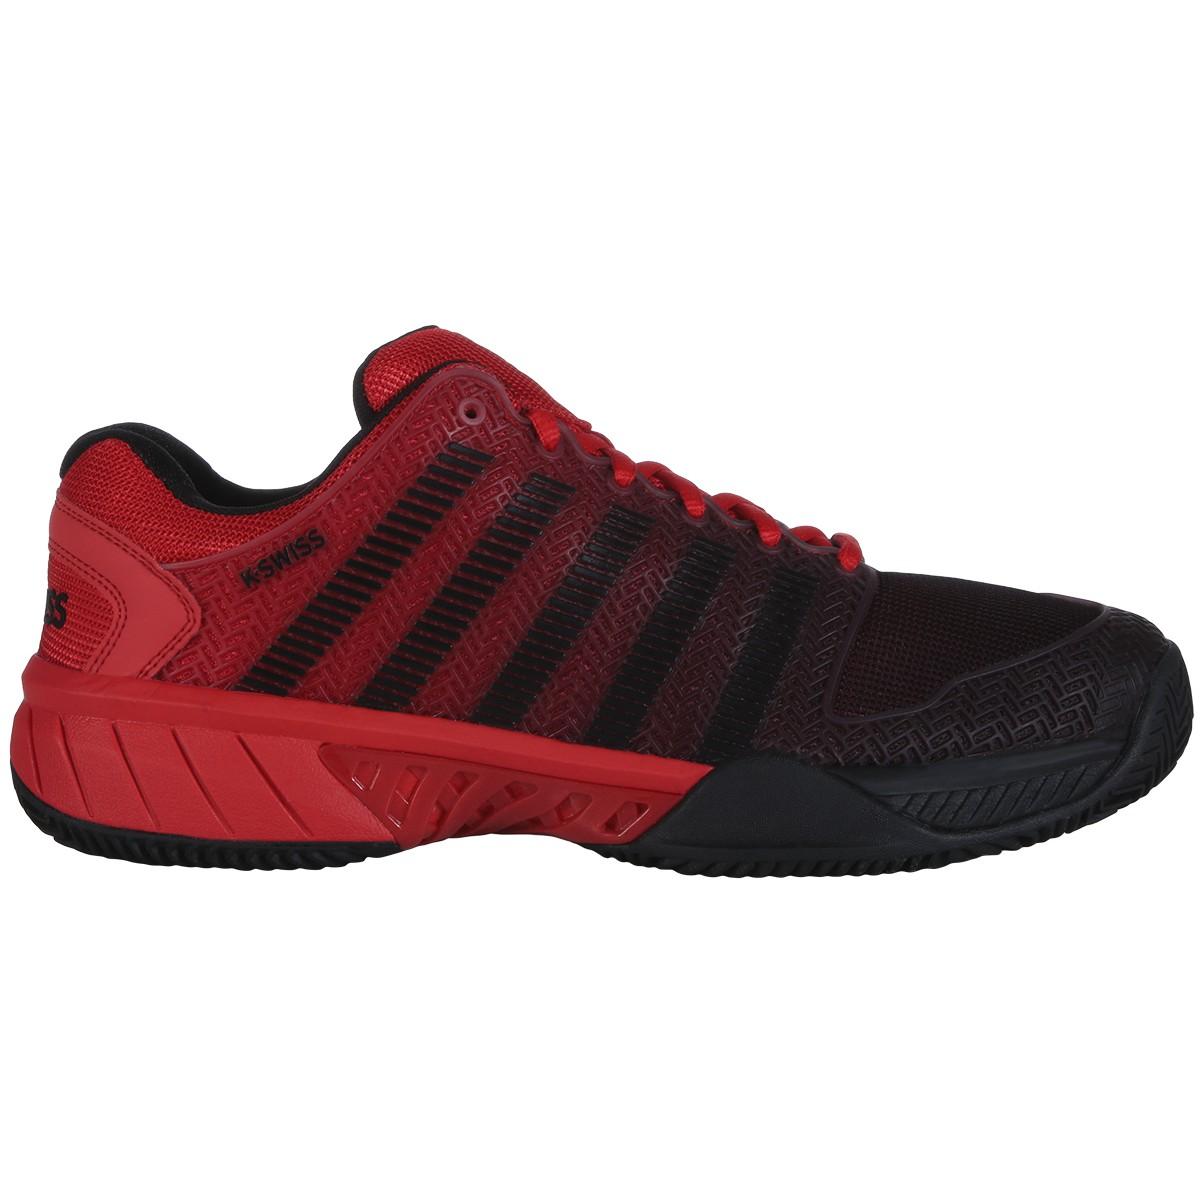 Chaussures k-swiss hypercourt express terre battue